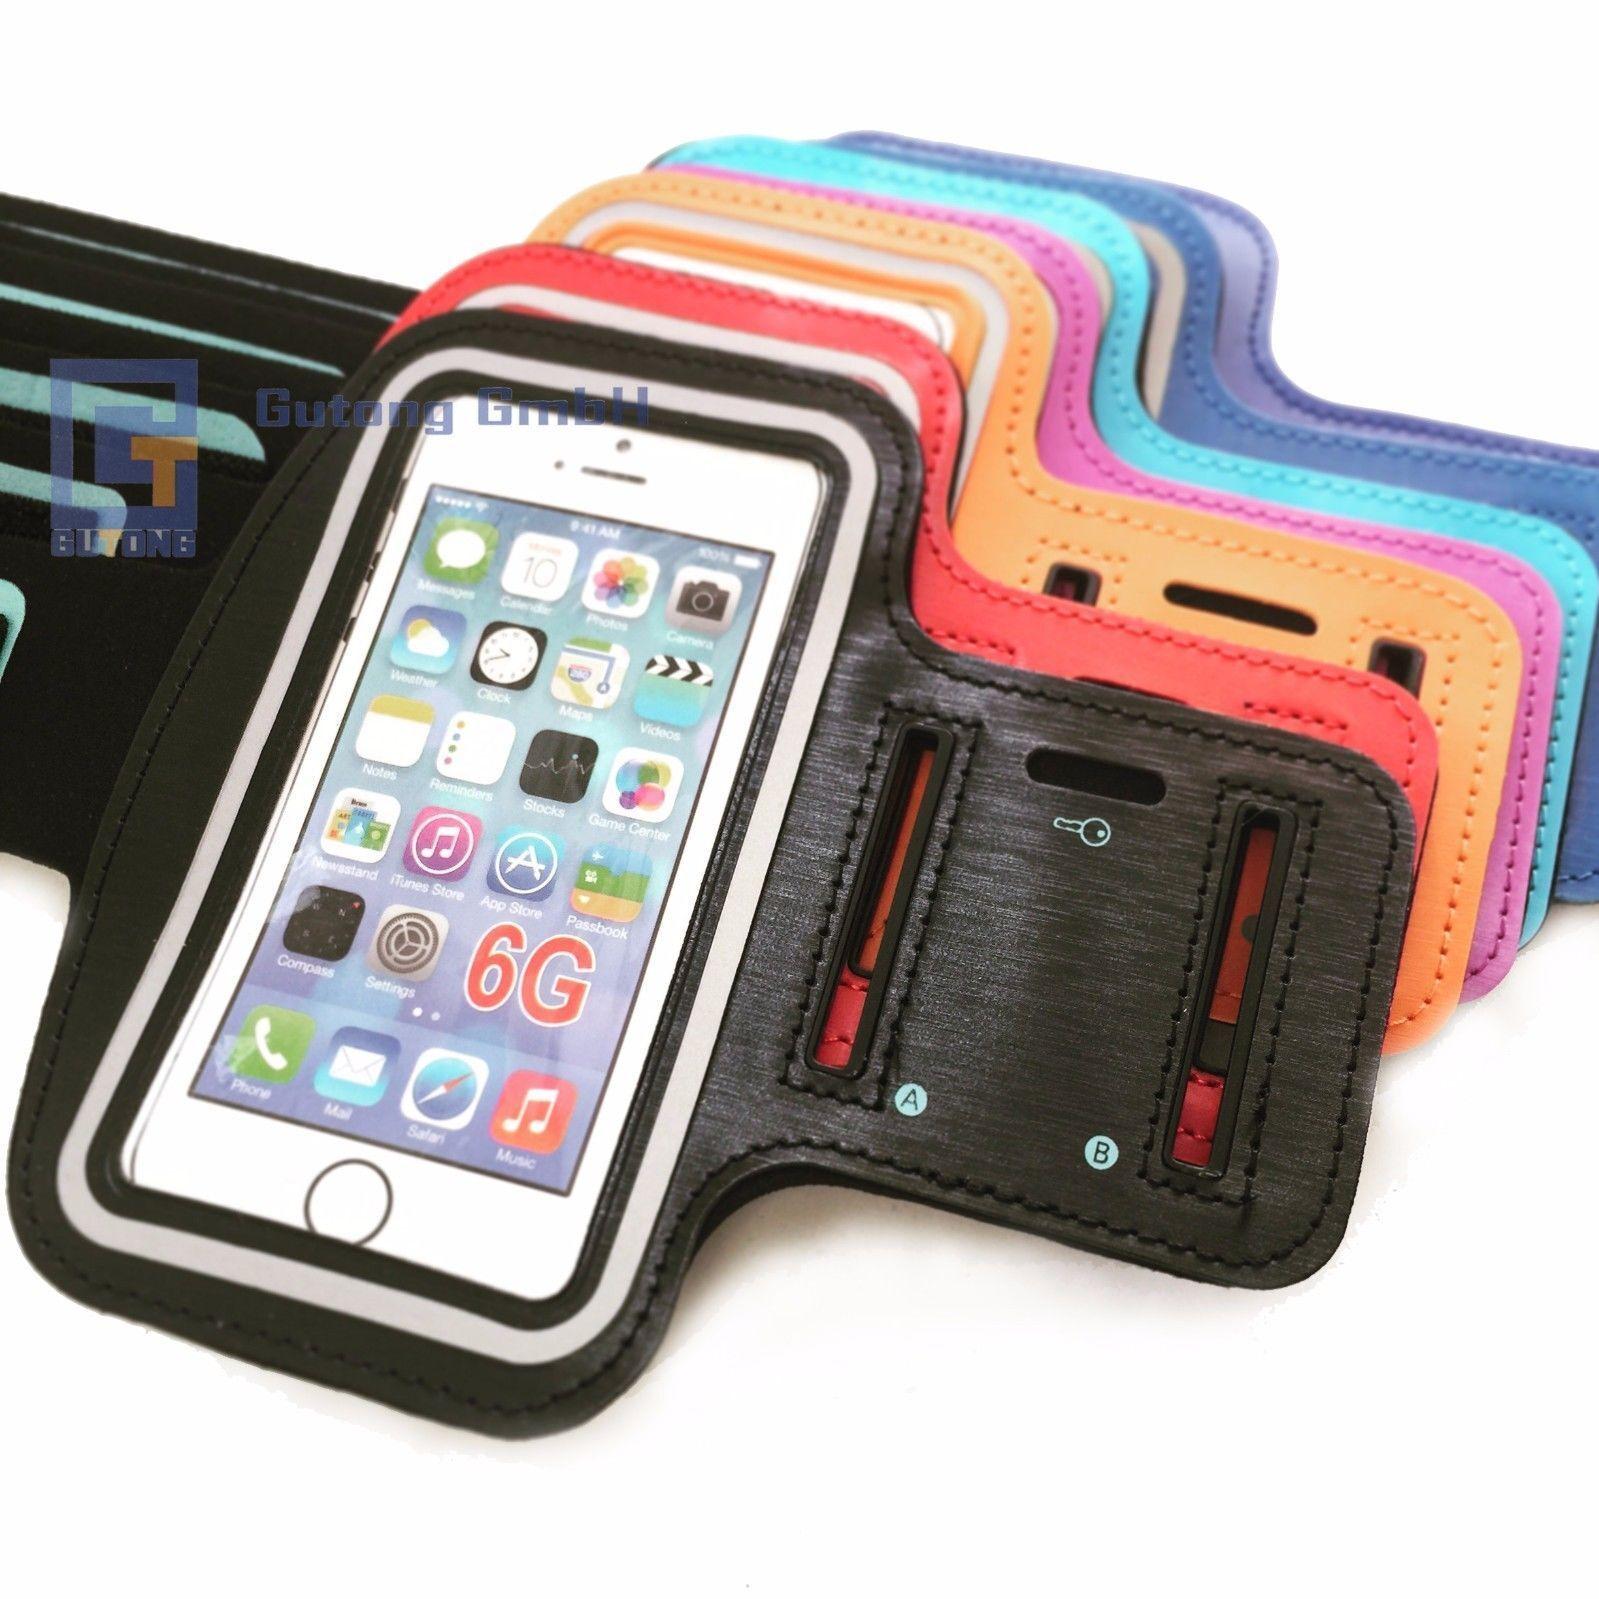 Handy Sport Armband Tasche Halter Hülle Joggen Fitness Schutz für iPhone 6G/S 7G